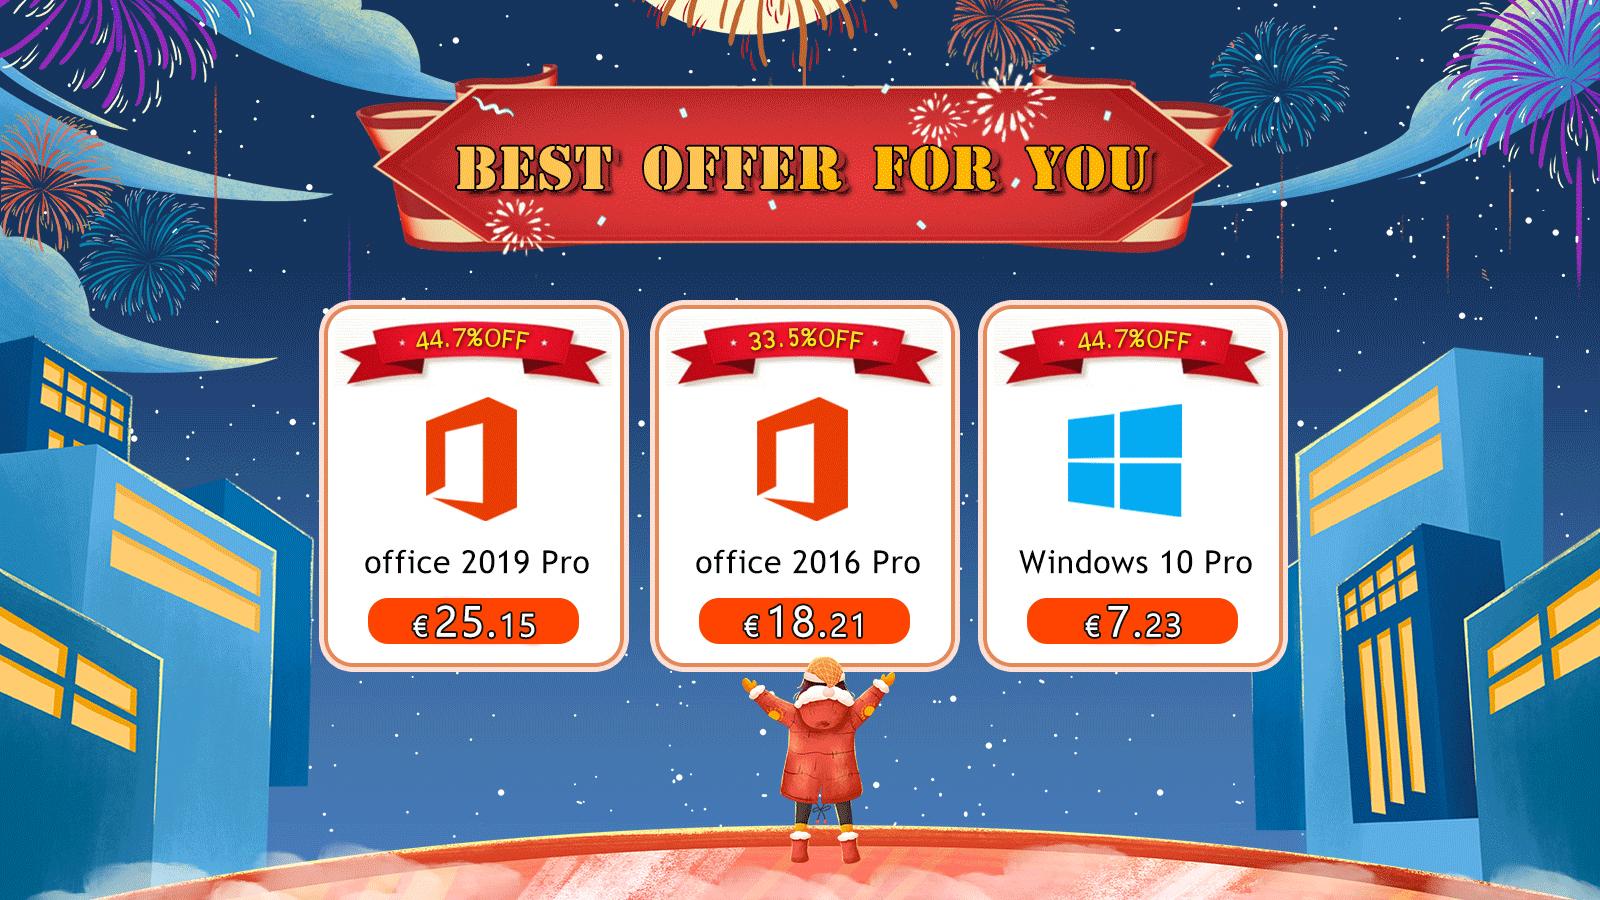 Další povánoční nabídka na Windows 10 a balíček Office [sponzorovaný článek]